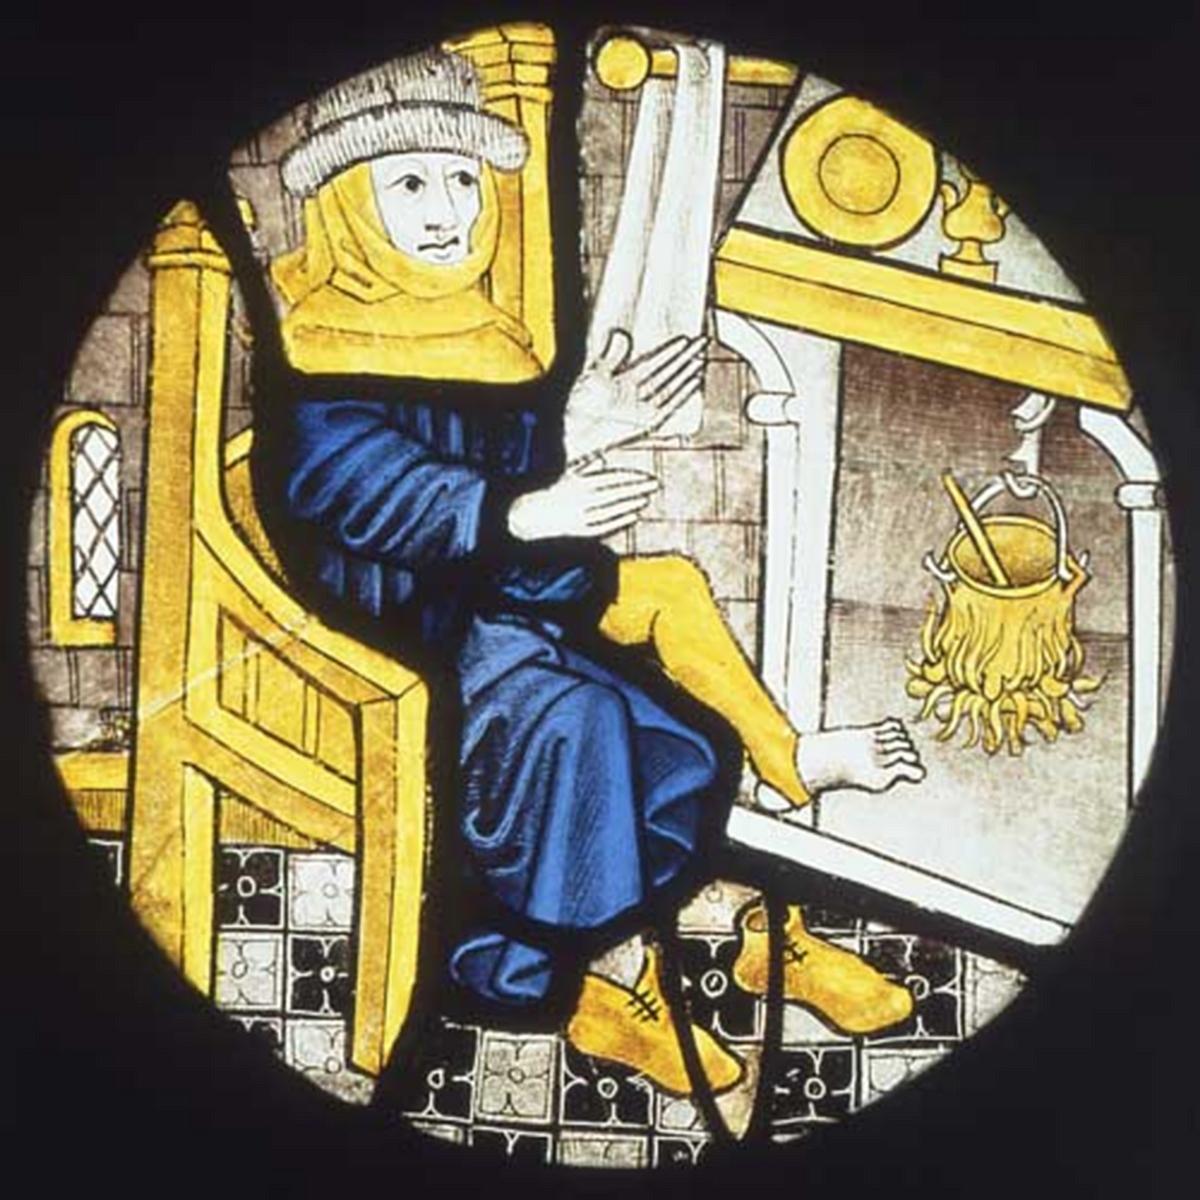 Der Januar am Feuer. Glasmalerei aus Norwich/UK, um 1500.